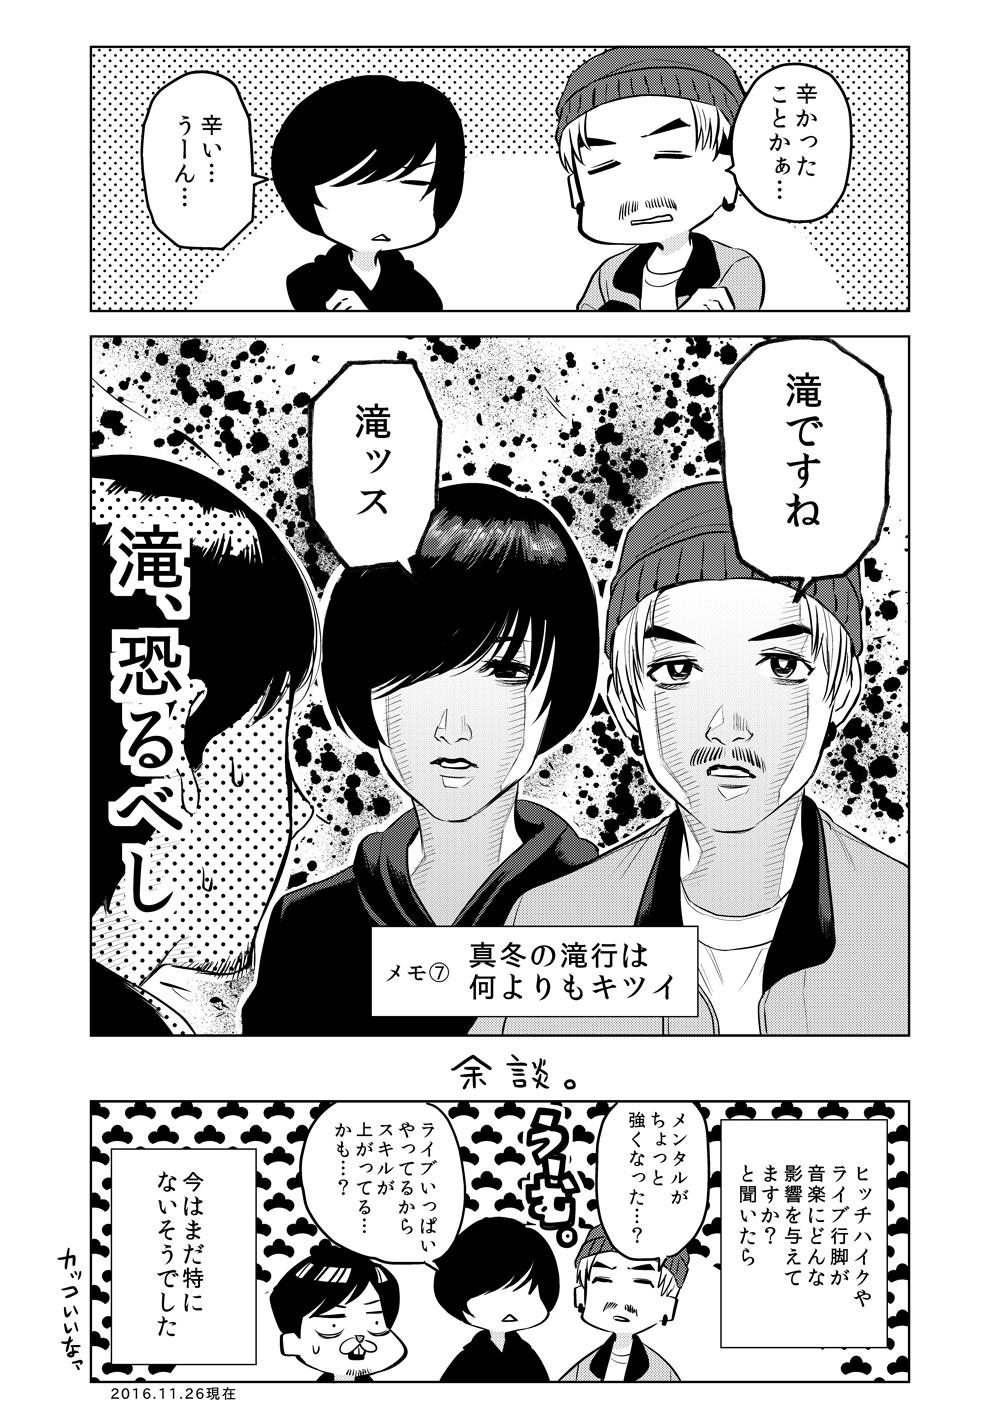 denpa-girl-manga-09